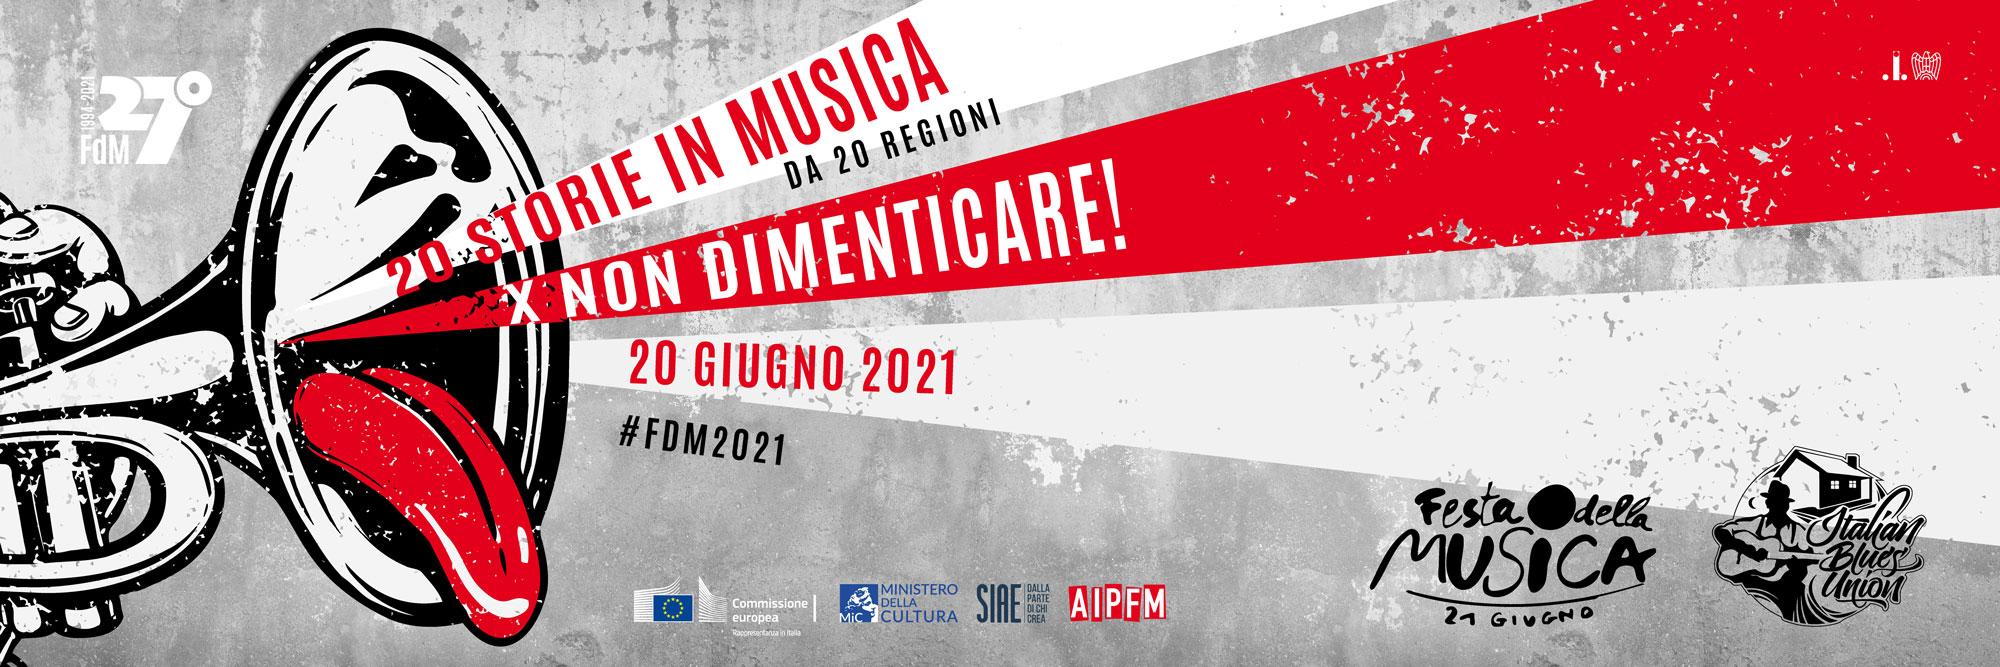 https://www.festadellamusica.beniculturali.it/images/banner-instagram-blues2000.jpg